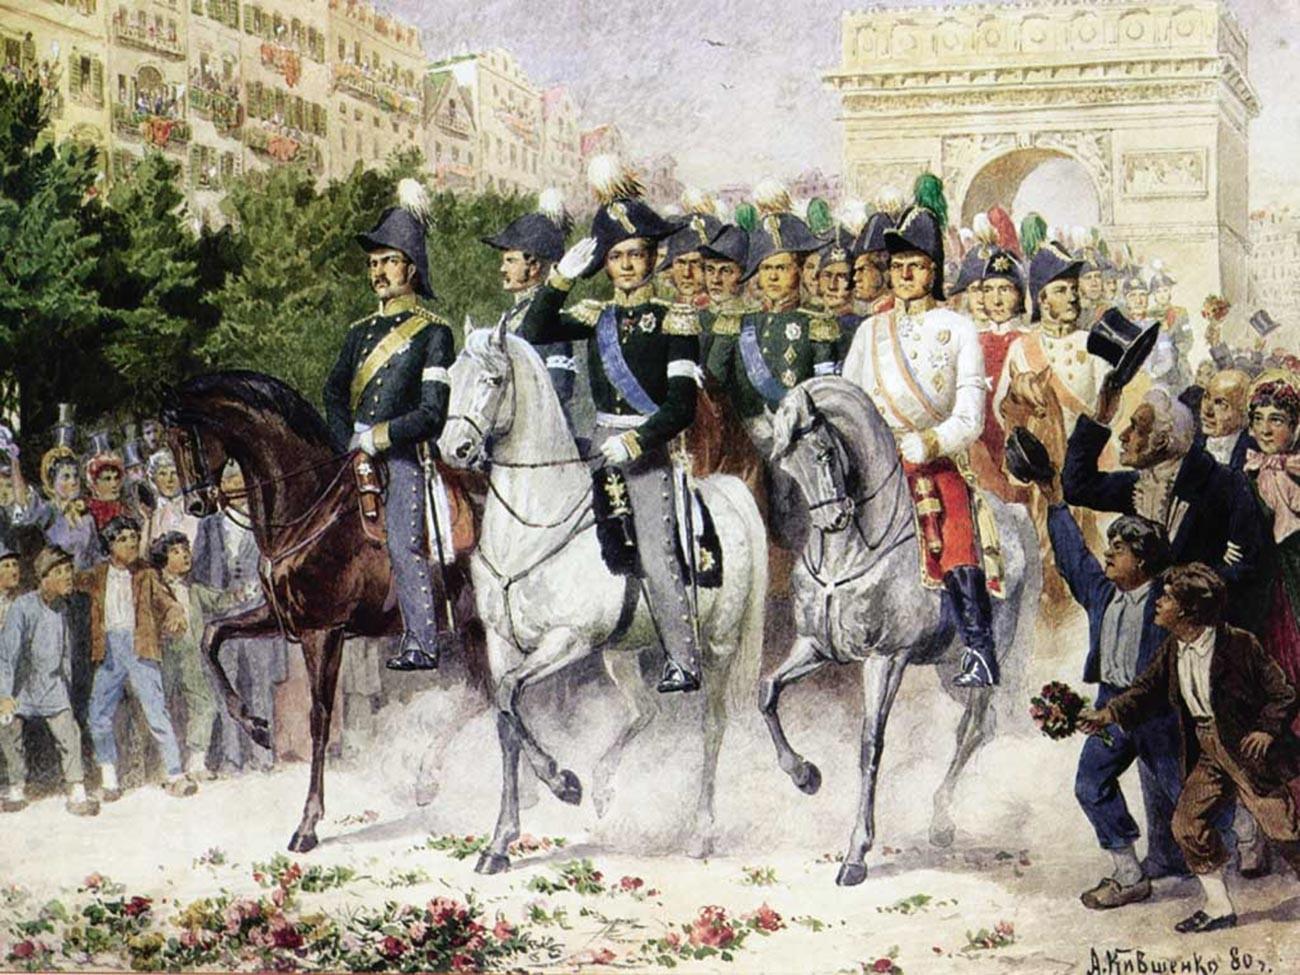 Russische Armee marschiert 1814 in Paris ein